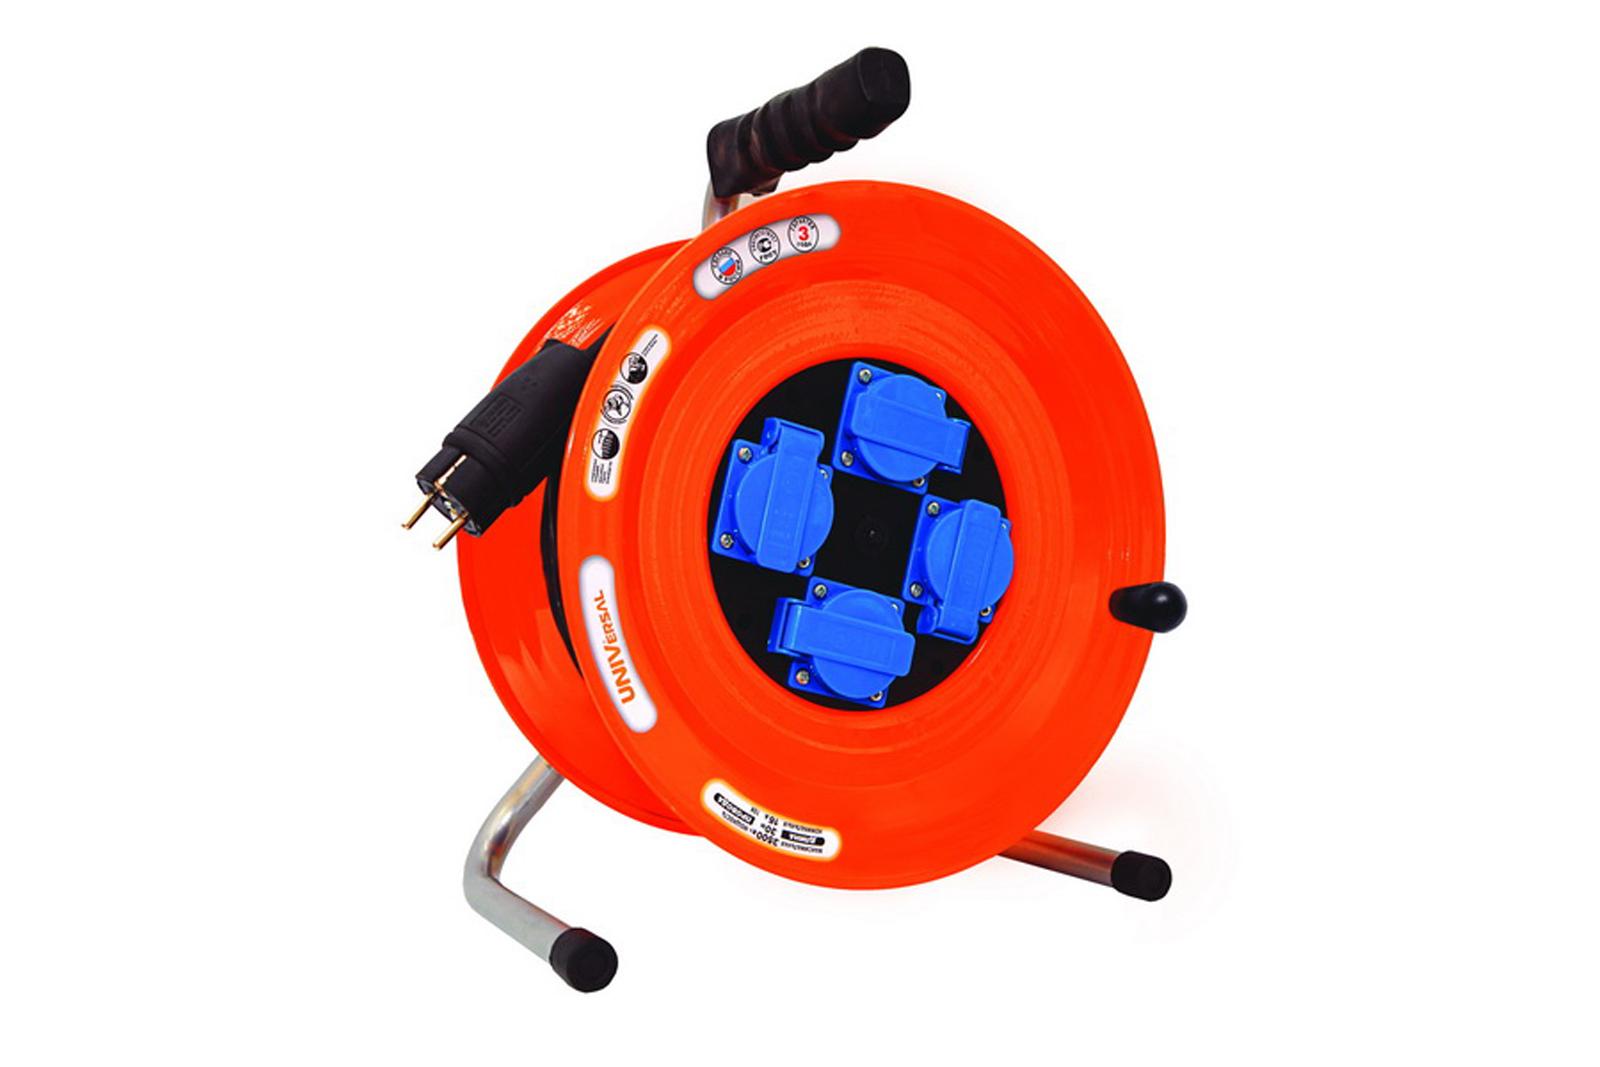 Удлинитель Universal ВЕМ-259 КГ 3*1,5 4гнезда 50м силовой удлинитель universal вем 259 ip 44 термо кг 3 1 5 50м 9632974